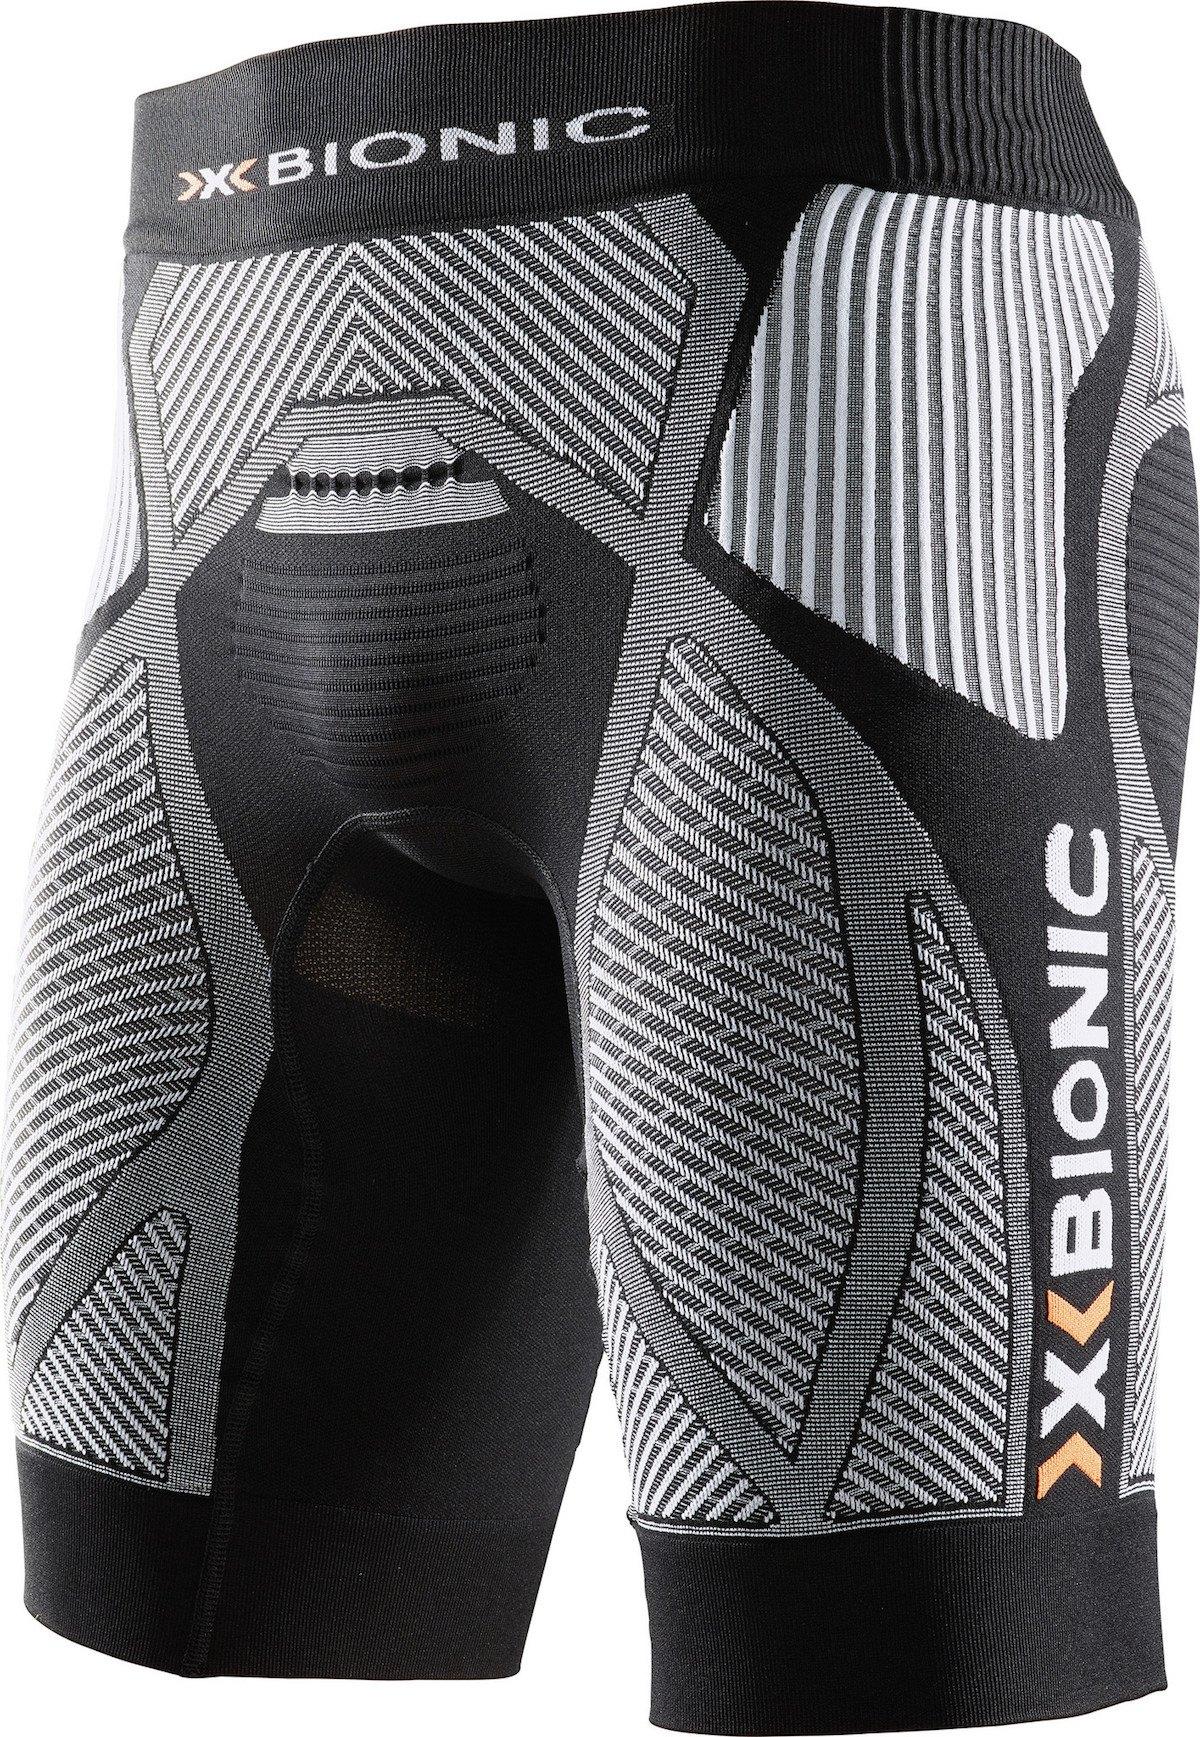 X-Bionic The Trick - Laufshorts - Herren